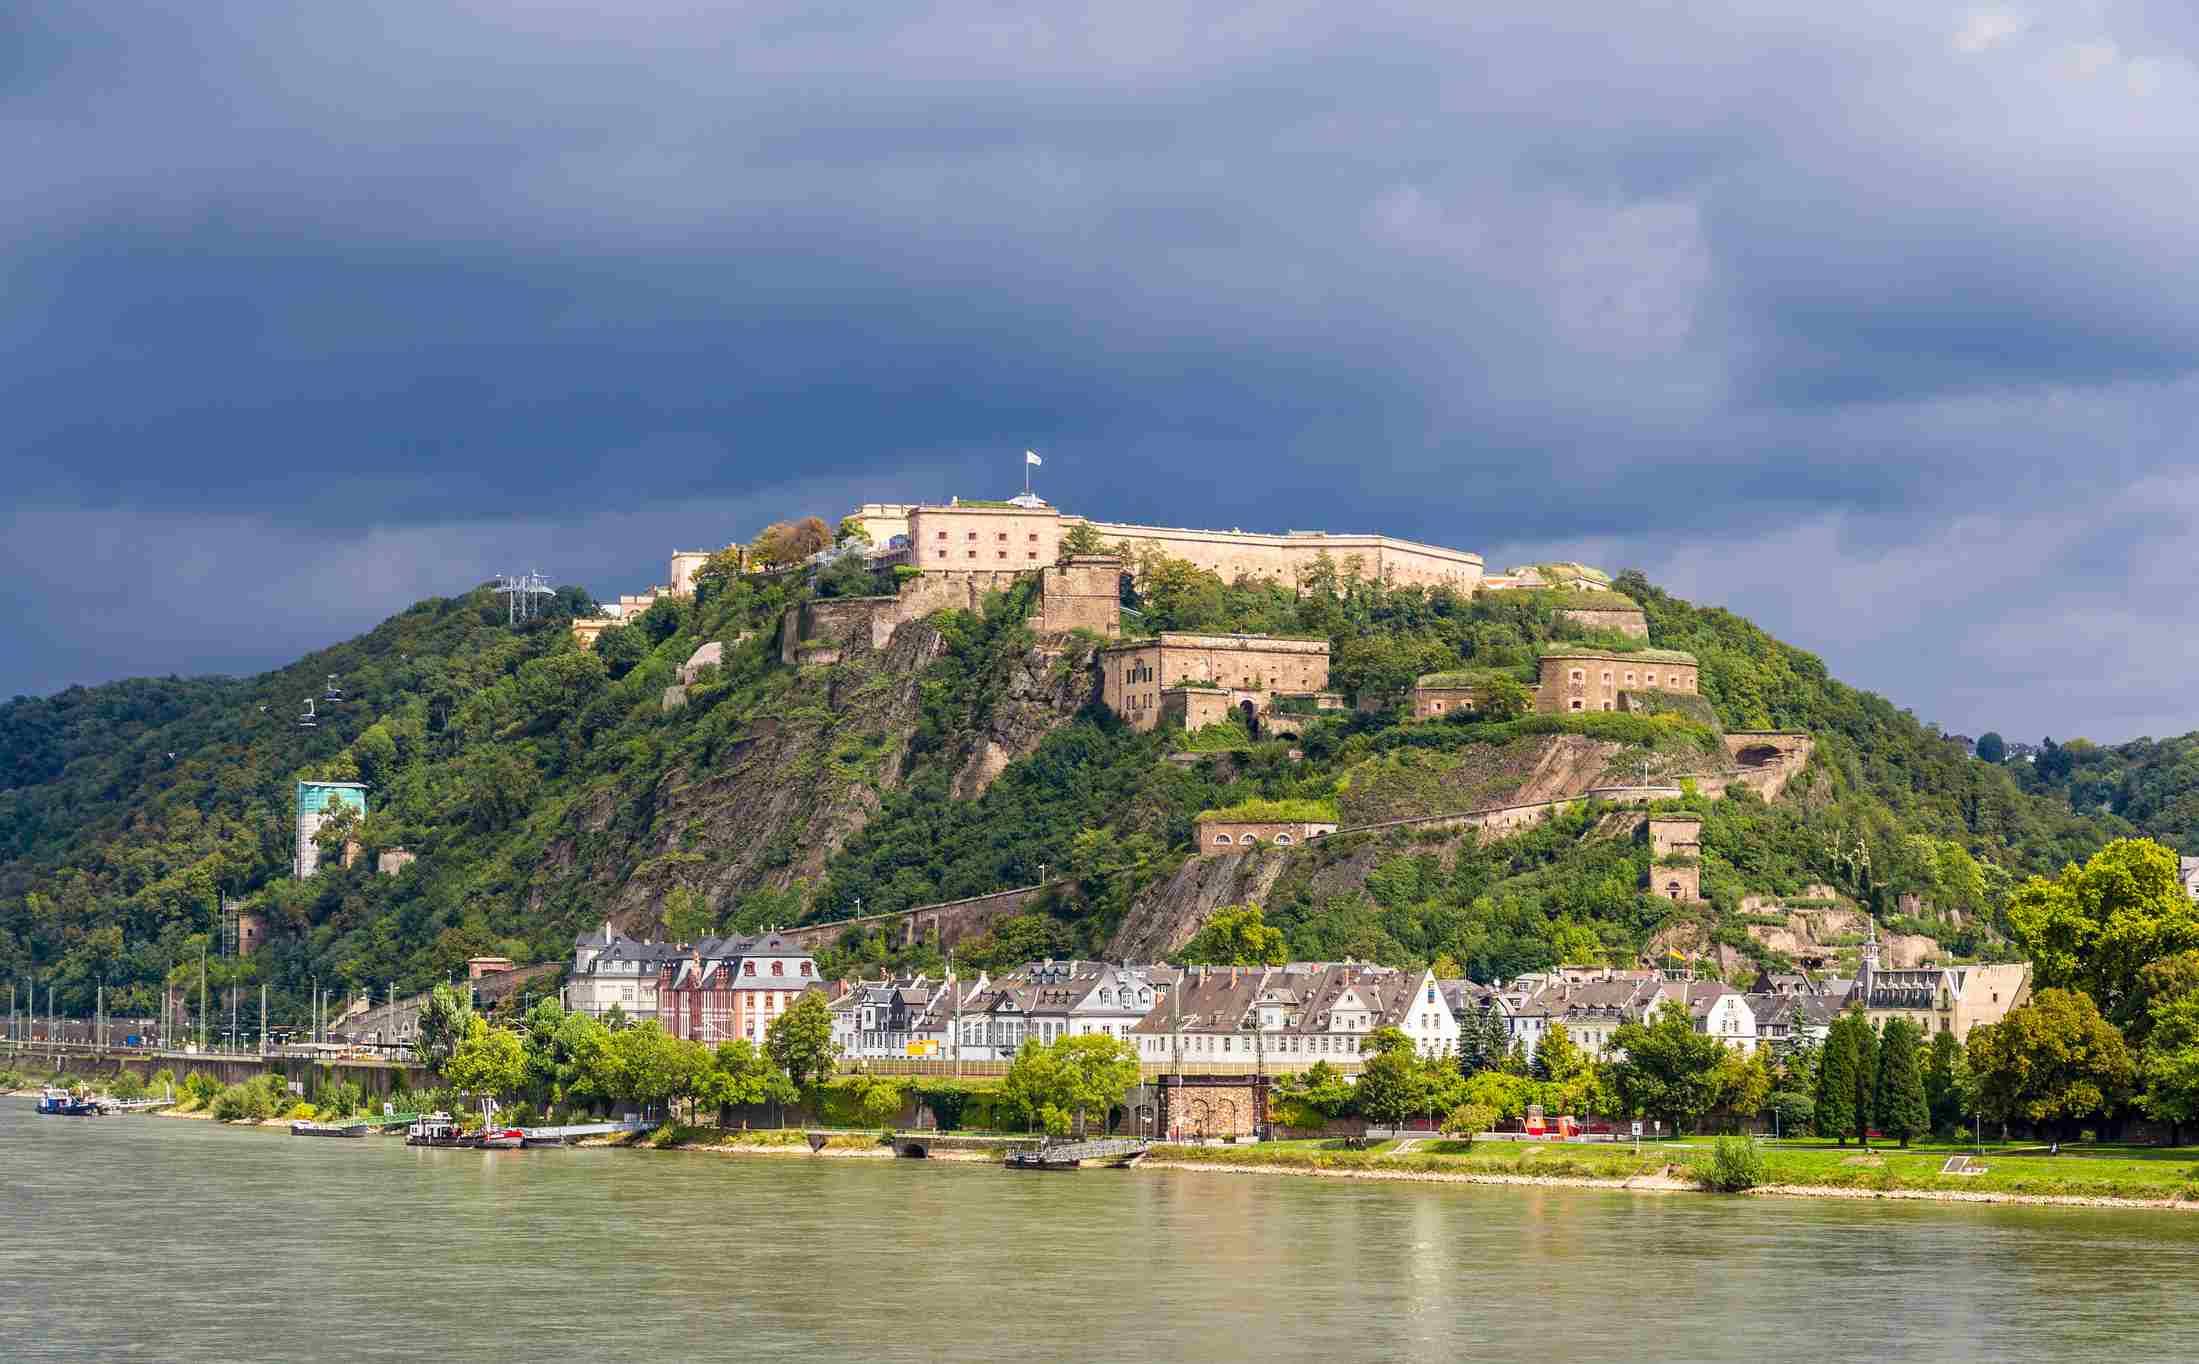 Koblenz Ehrenbreitstein Fortress